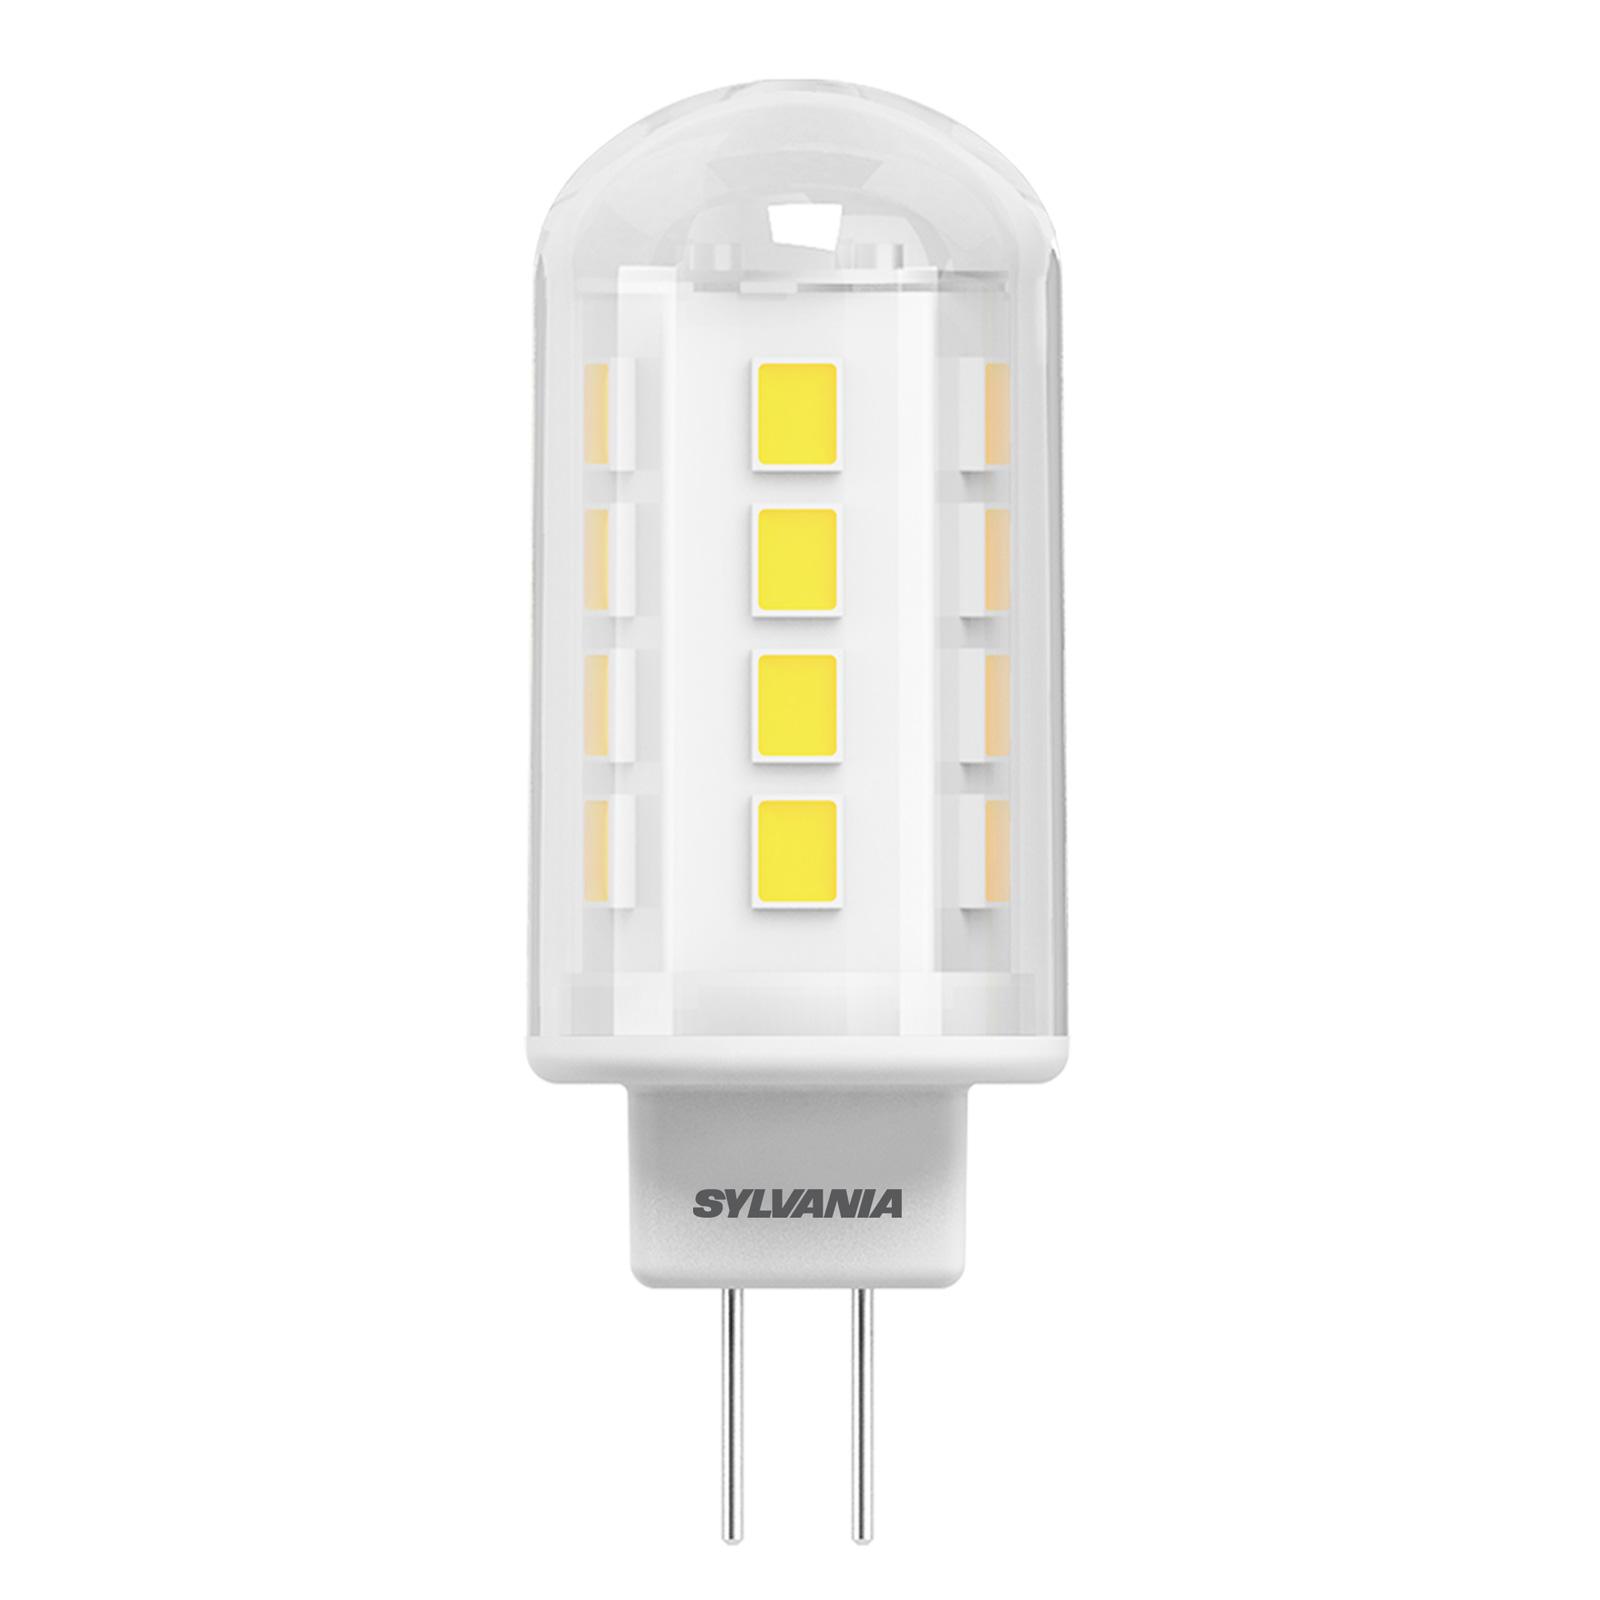 LED-Stiftsockellampe ToLEDo G4 2,2W klar warmweiß